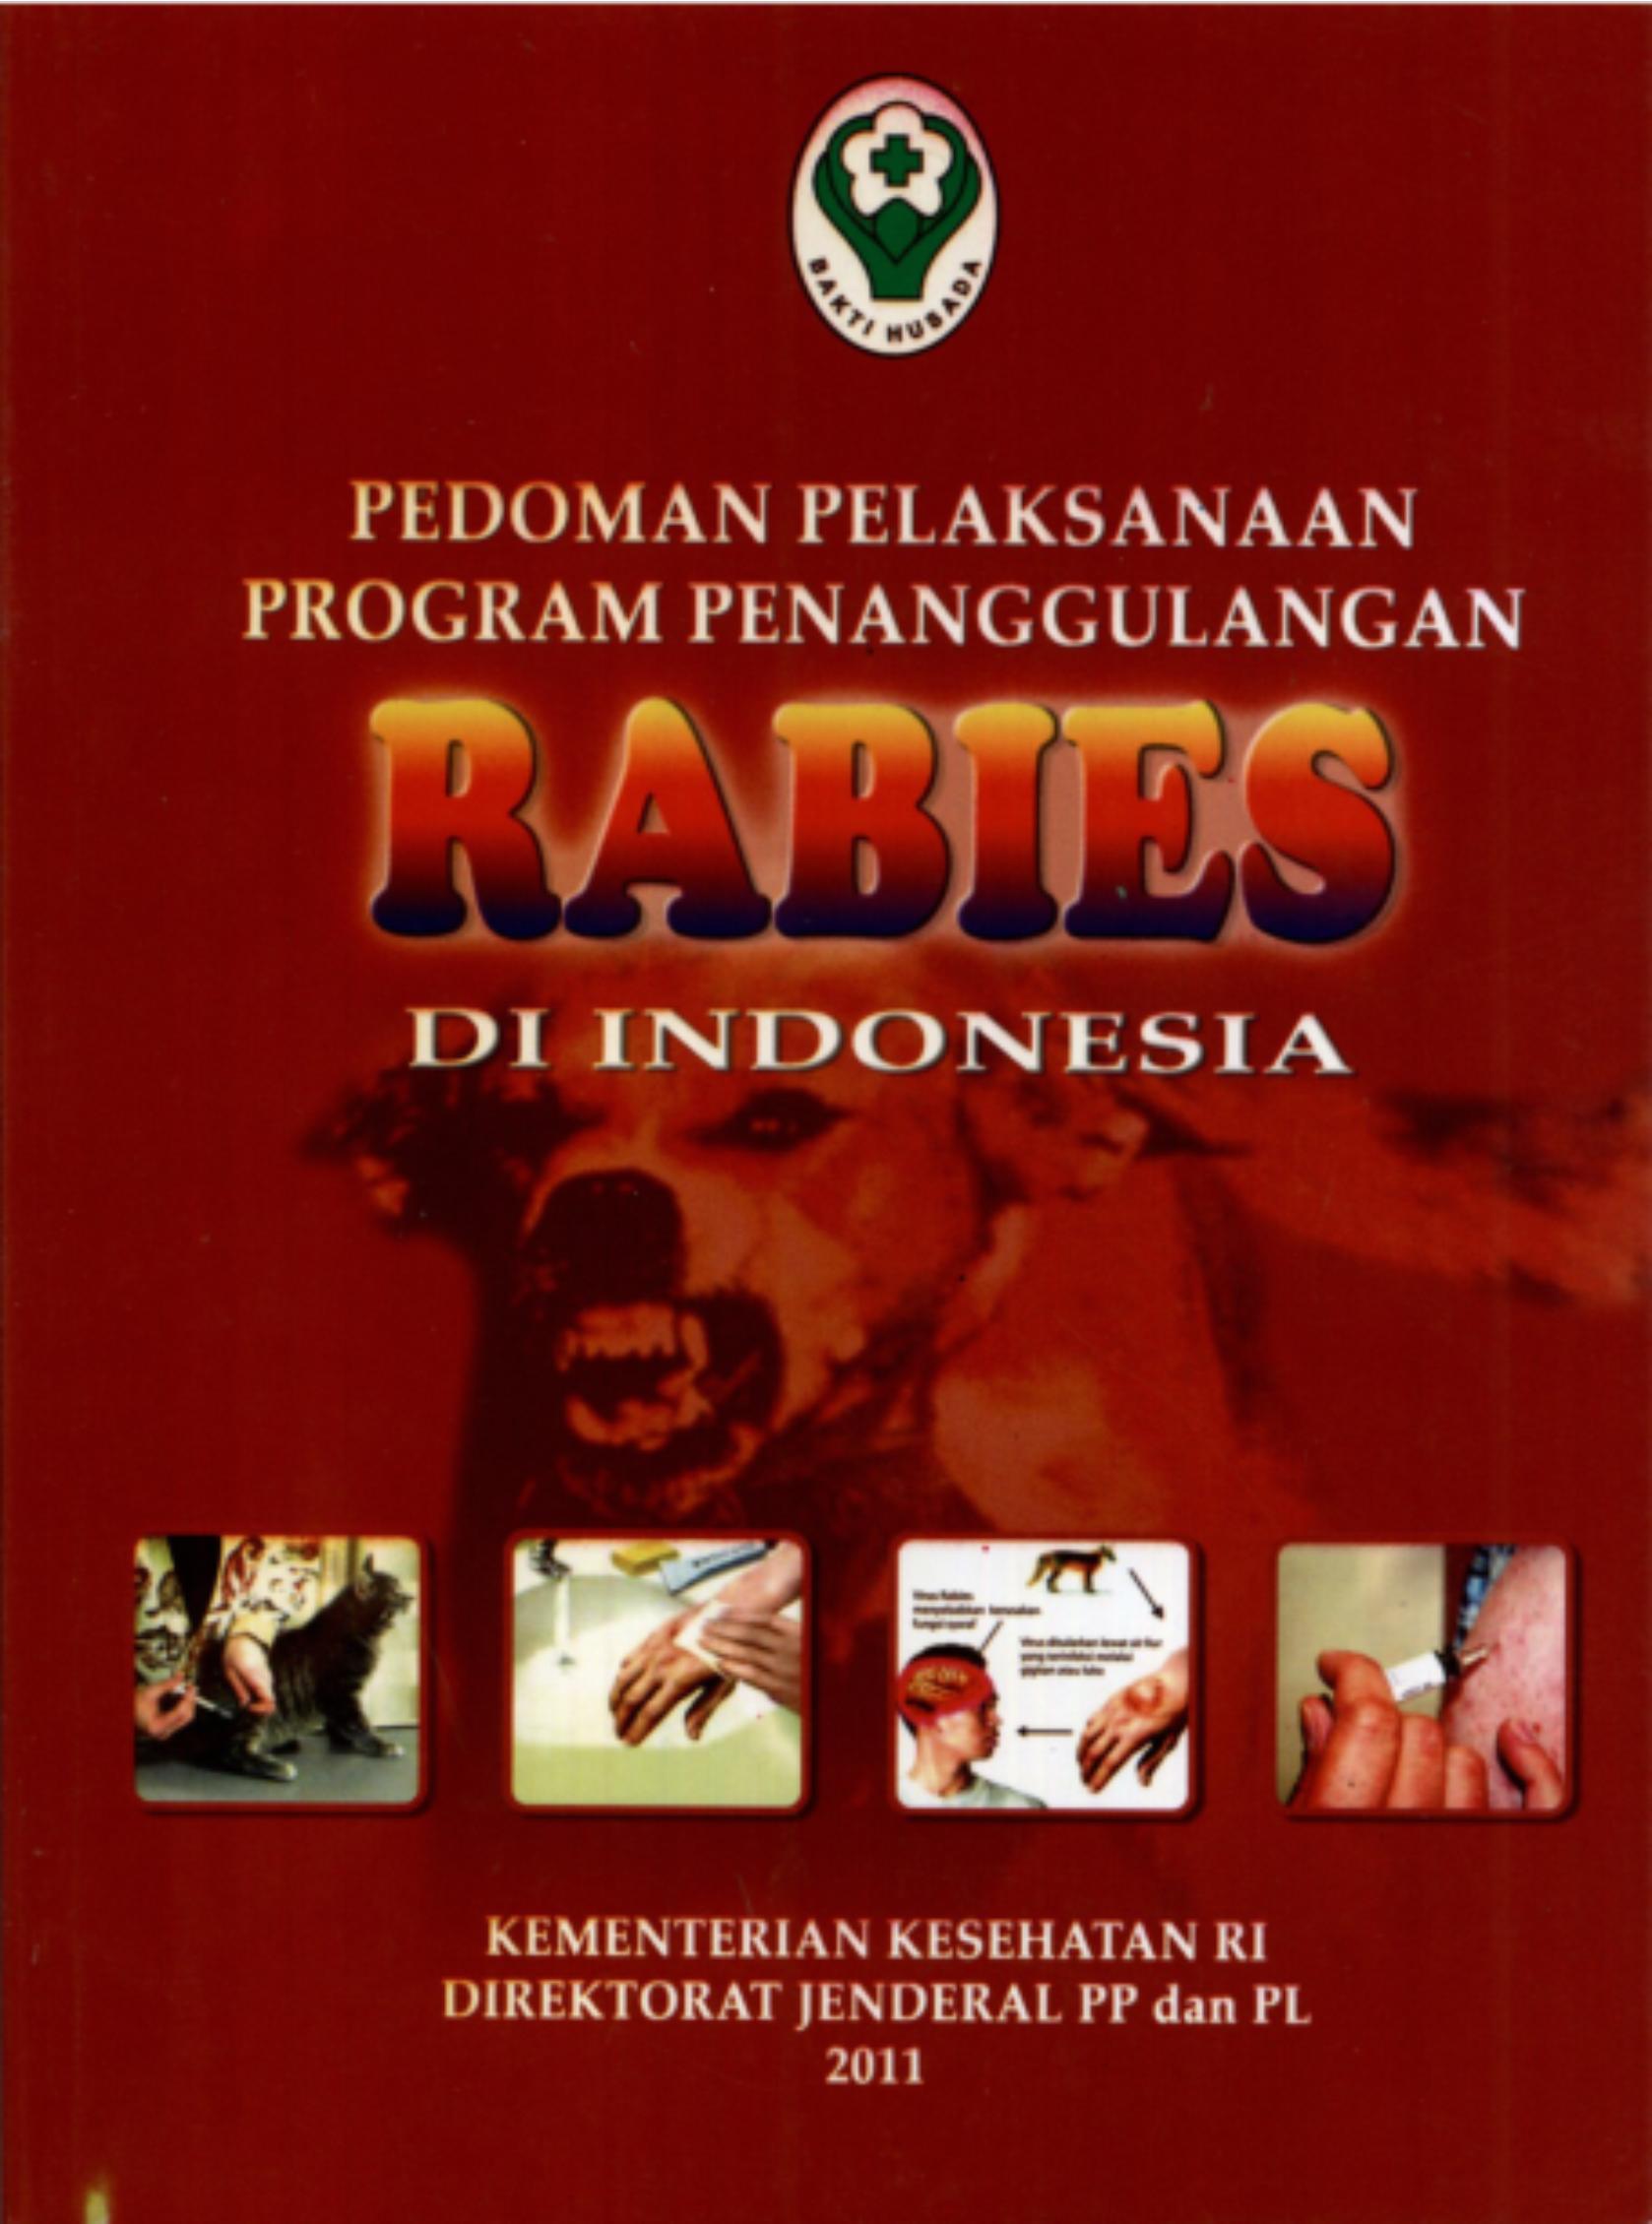 Pedoman Pelaksaan Program Penanggulangan Rabies